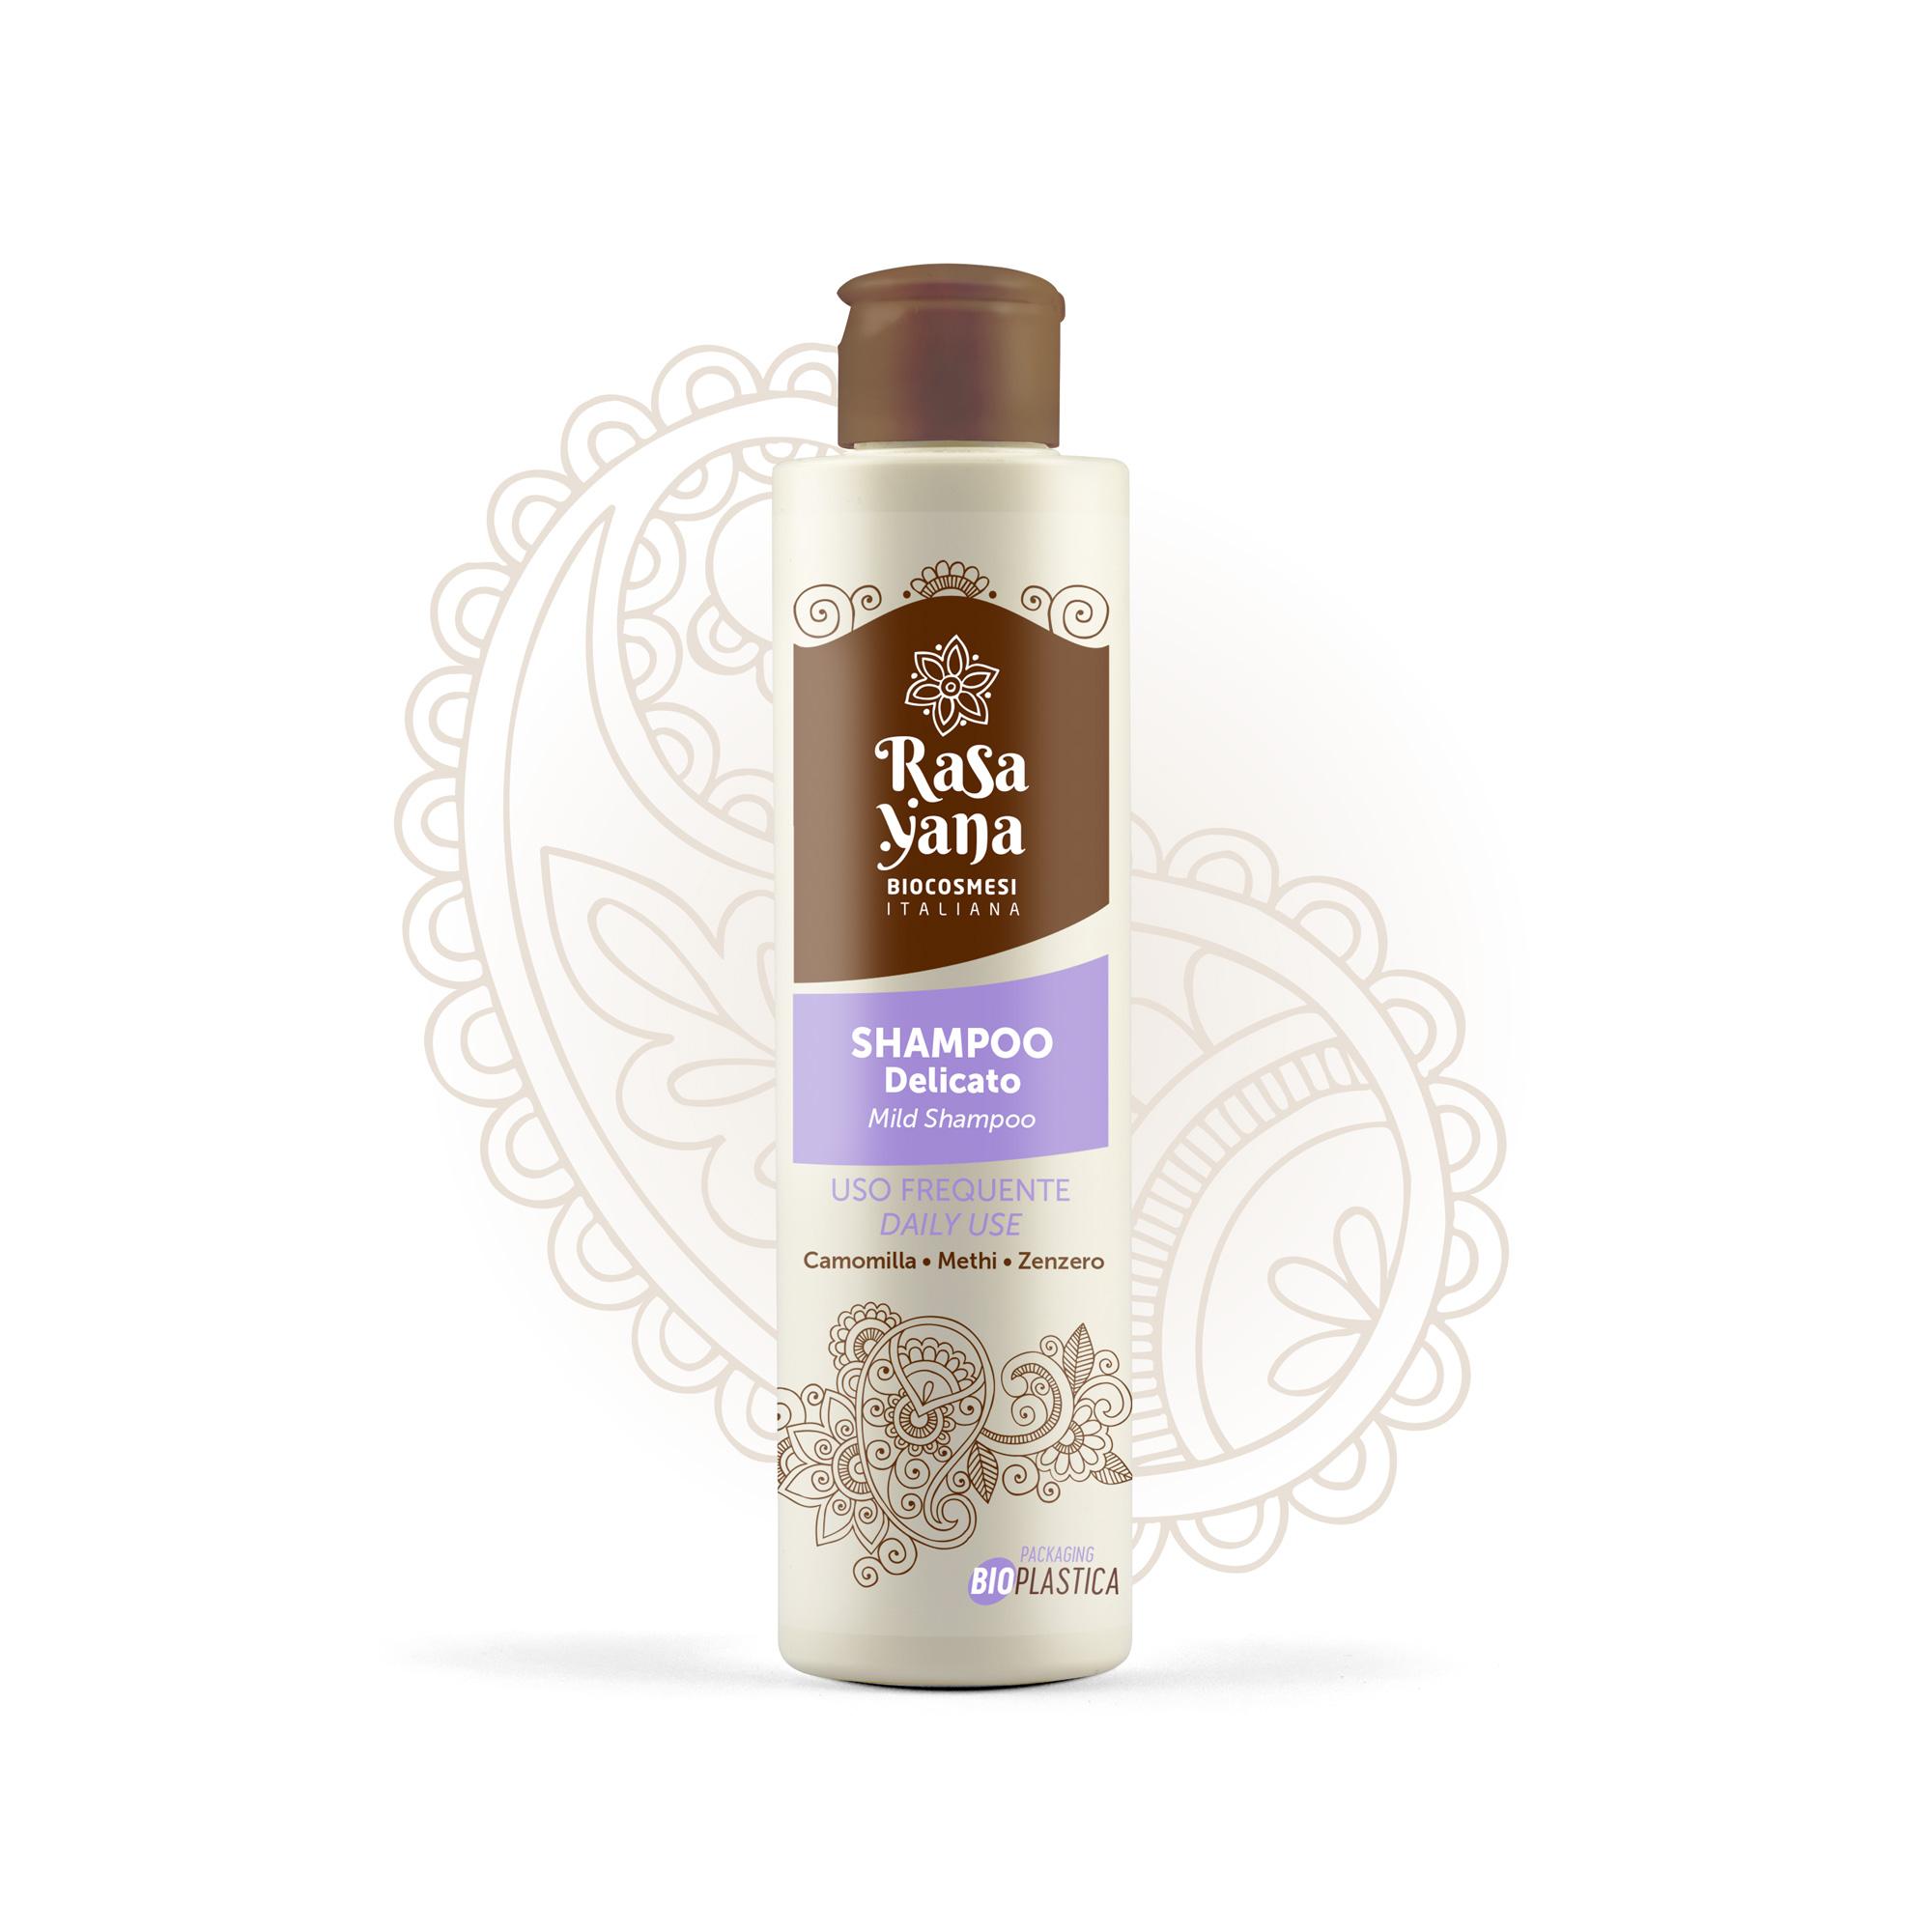 Shampoo Delicato - lavaggi frequenti